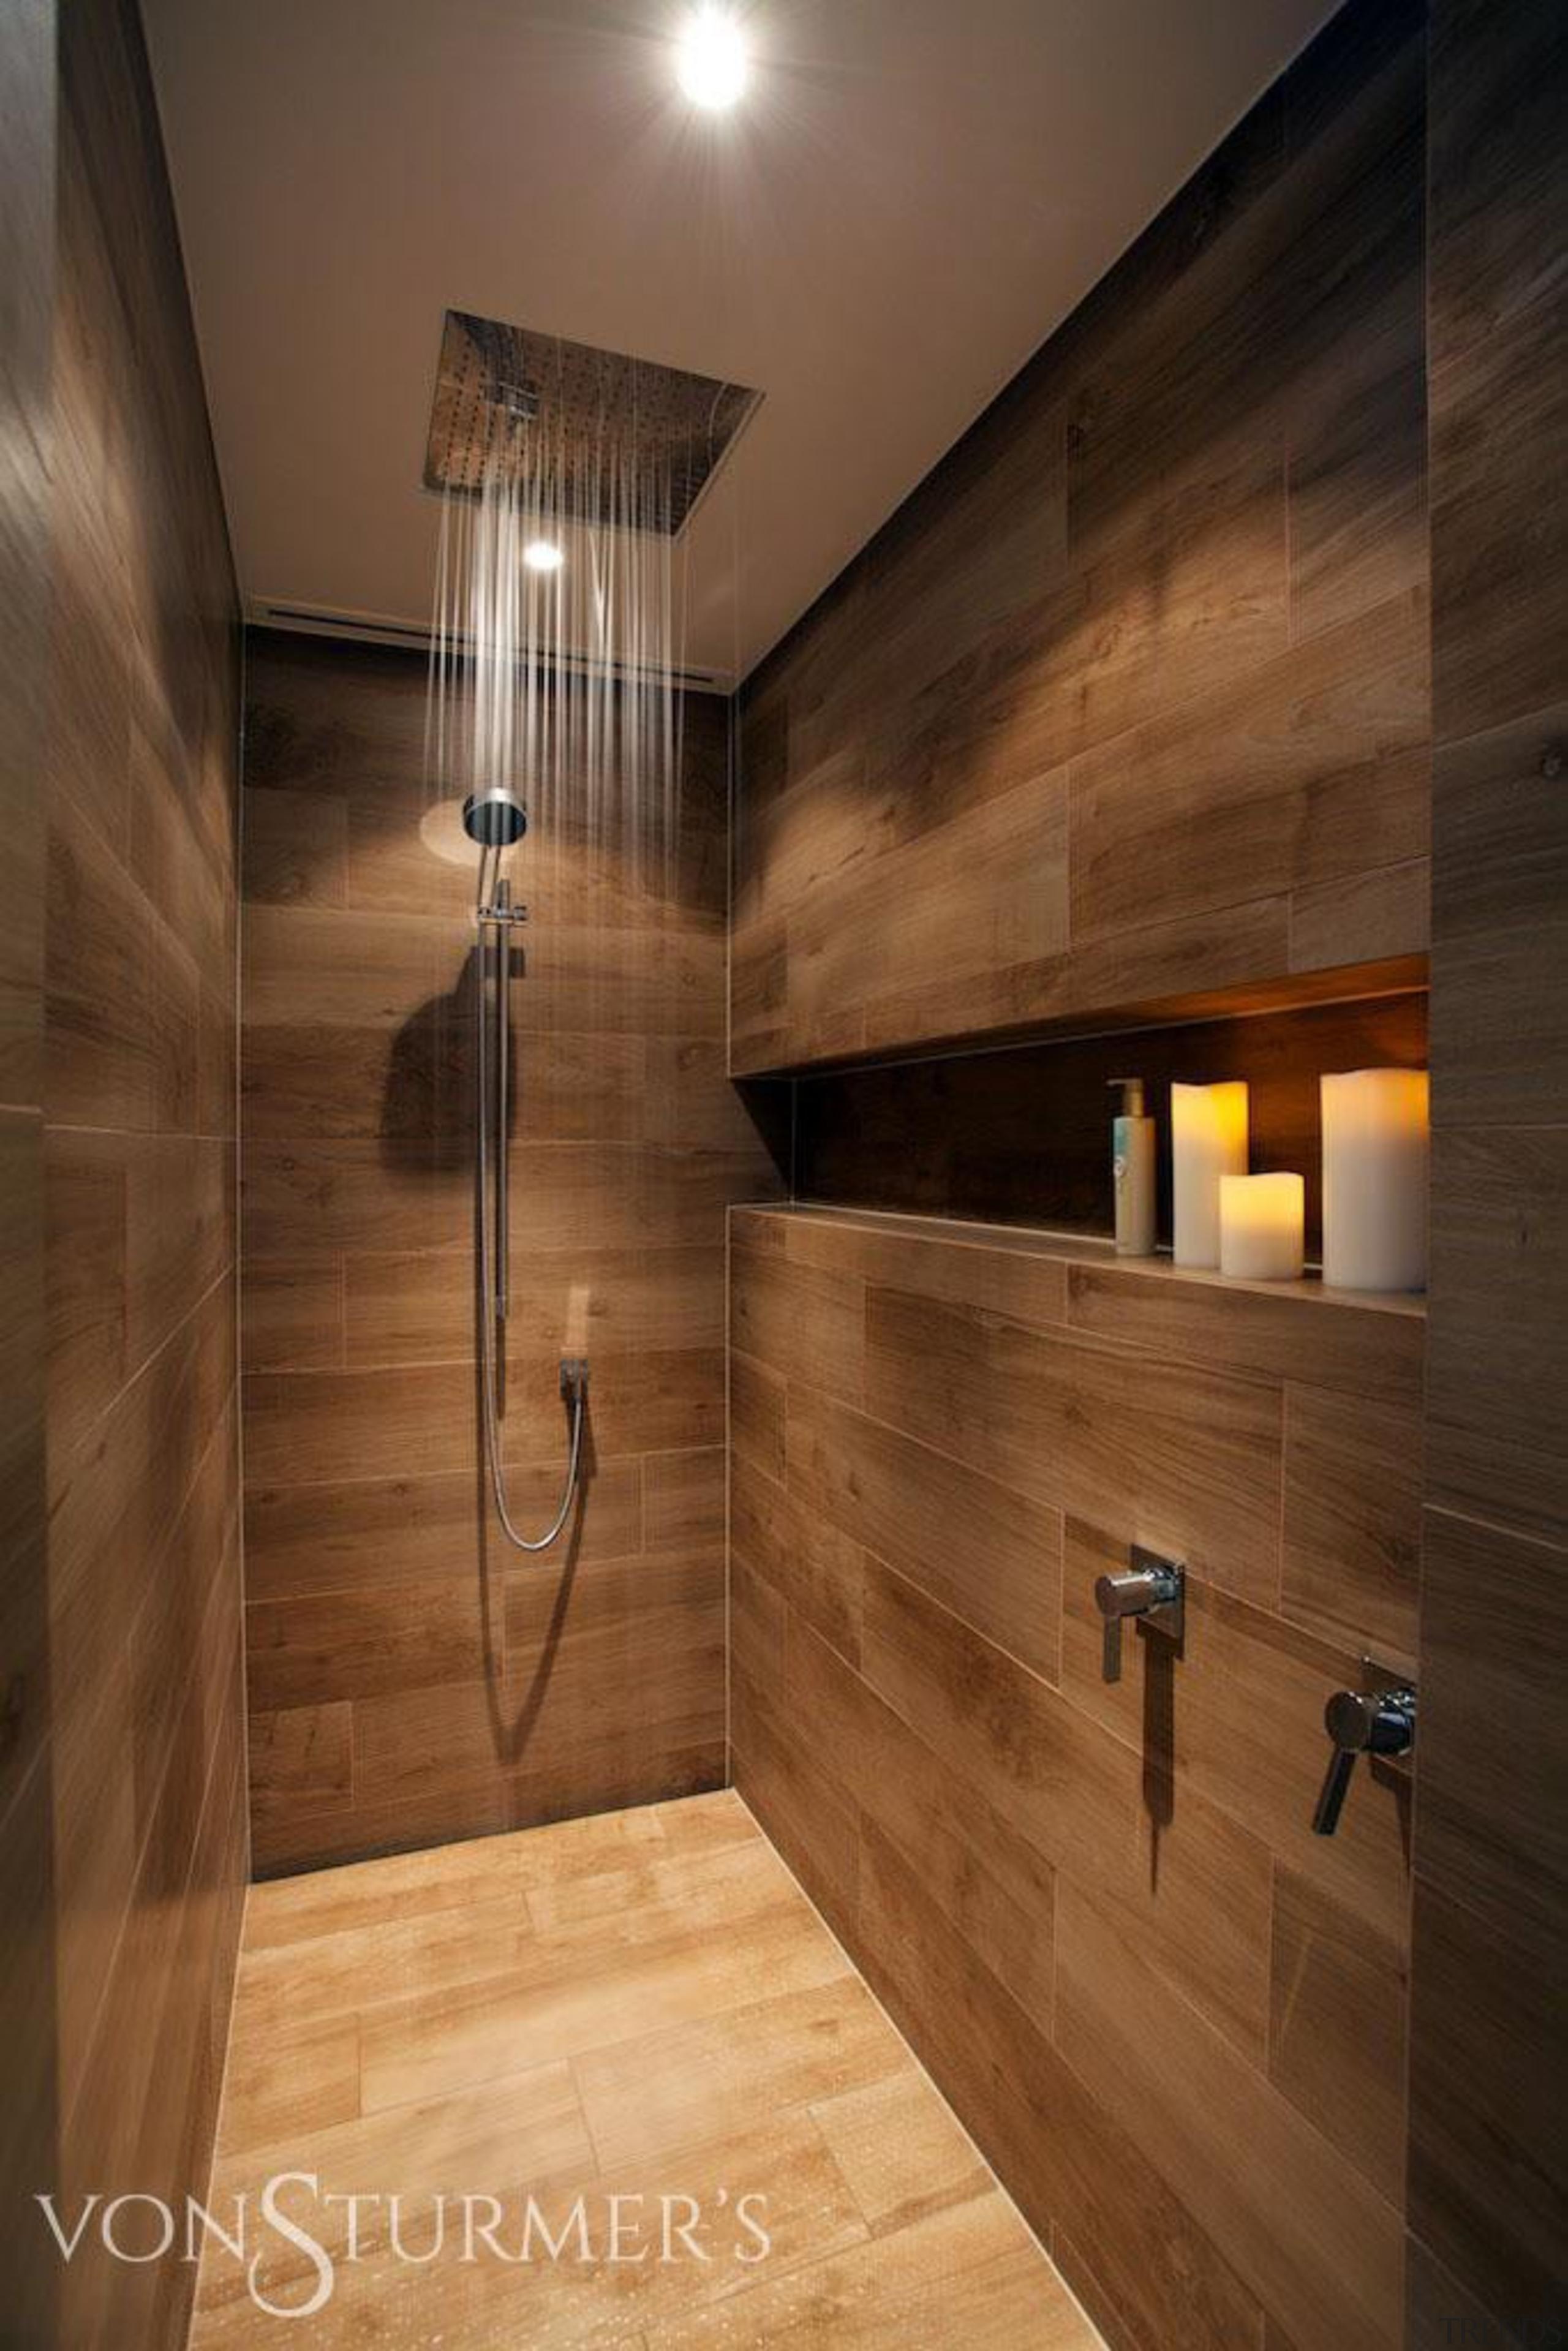 Etic wood look tiles - Etic wood look architecture, bathroom, floor, flooring, hardwood, interior design, lighting, lobby, room, tile, wall, wood, wood flooring, brown